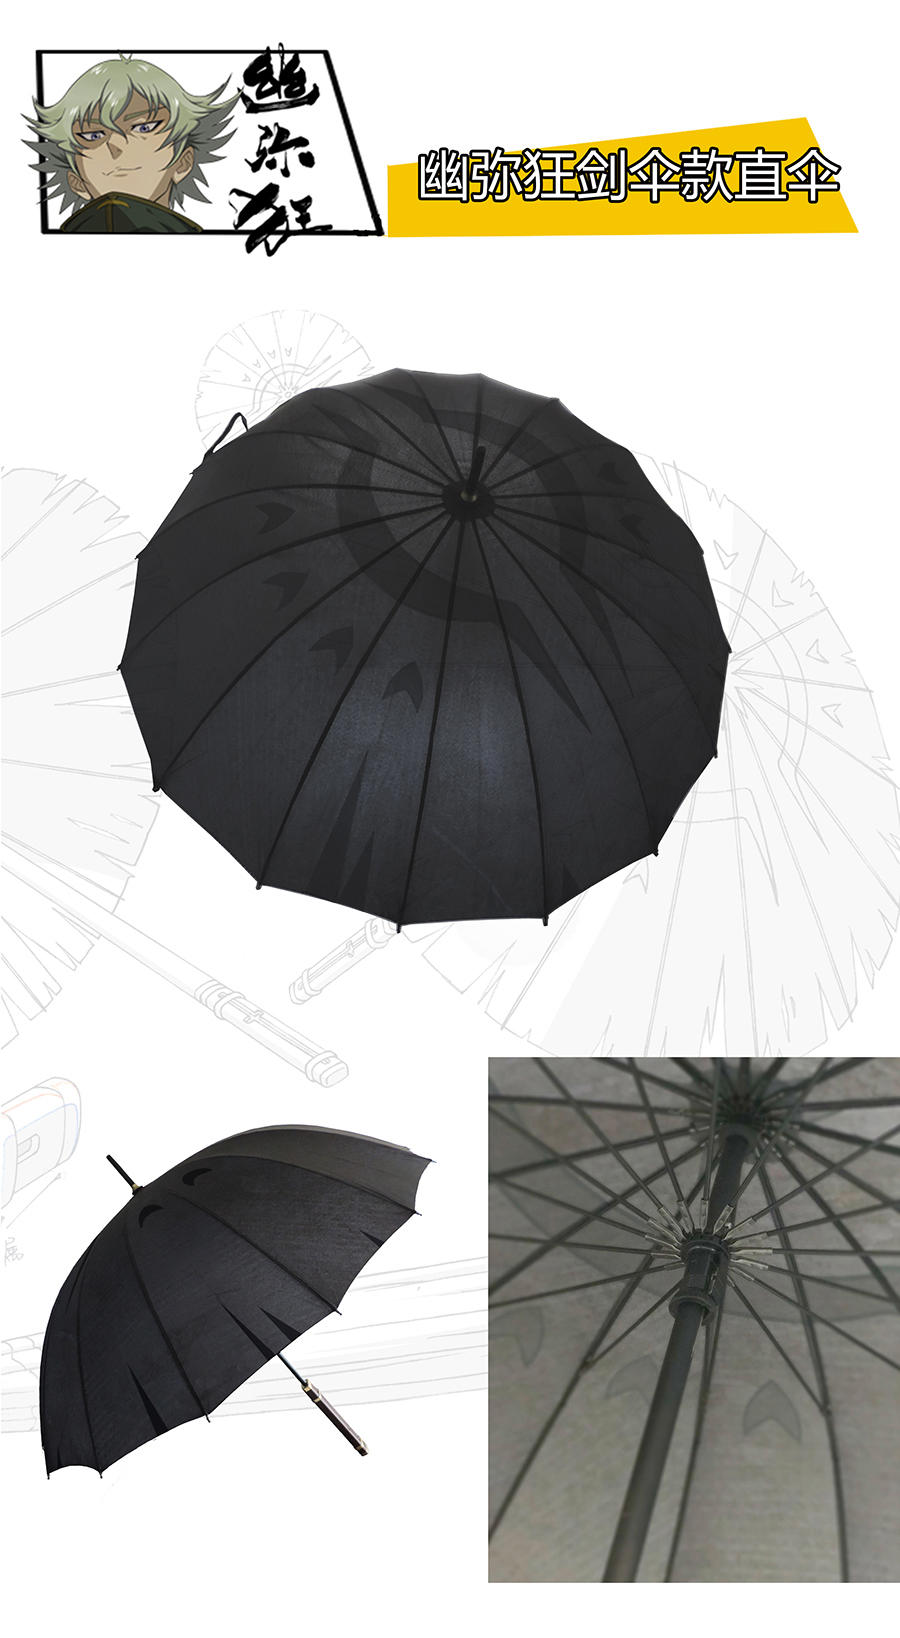 剑伞长图1.jpg